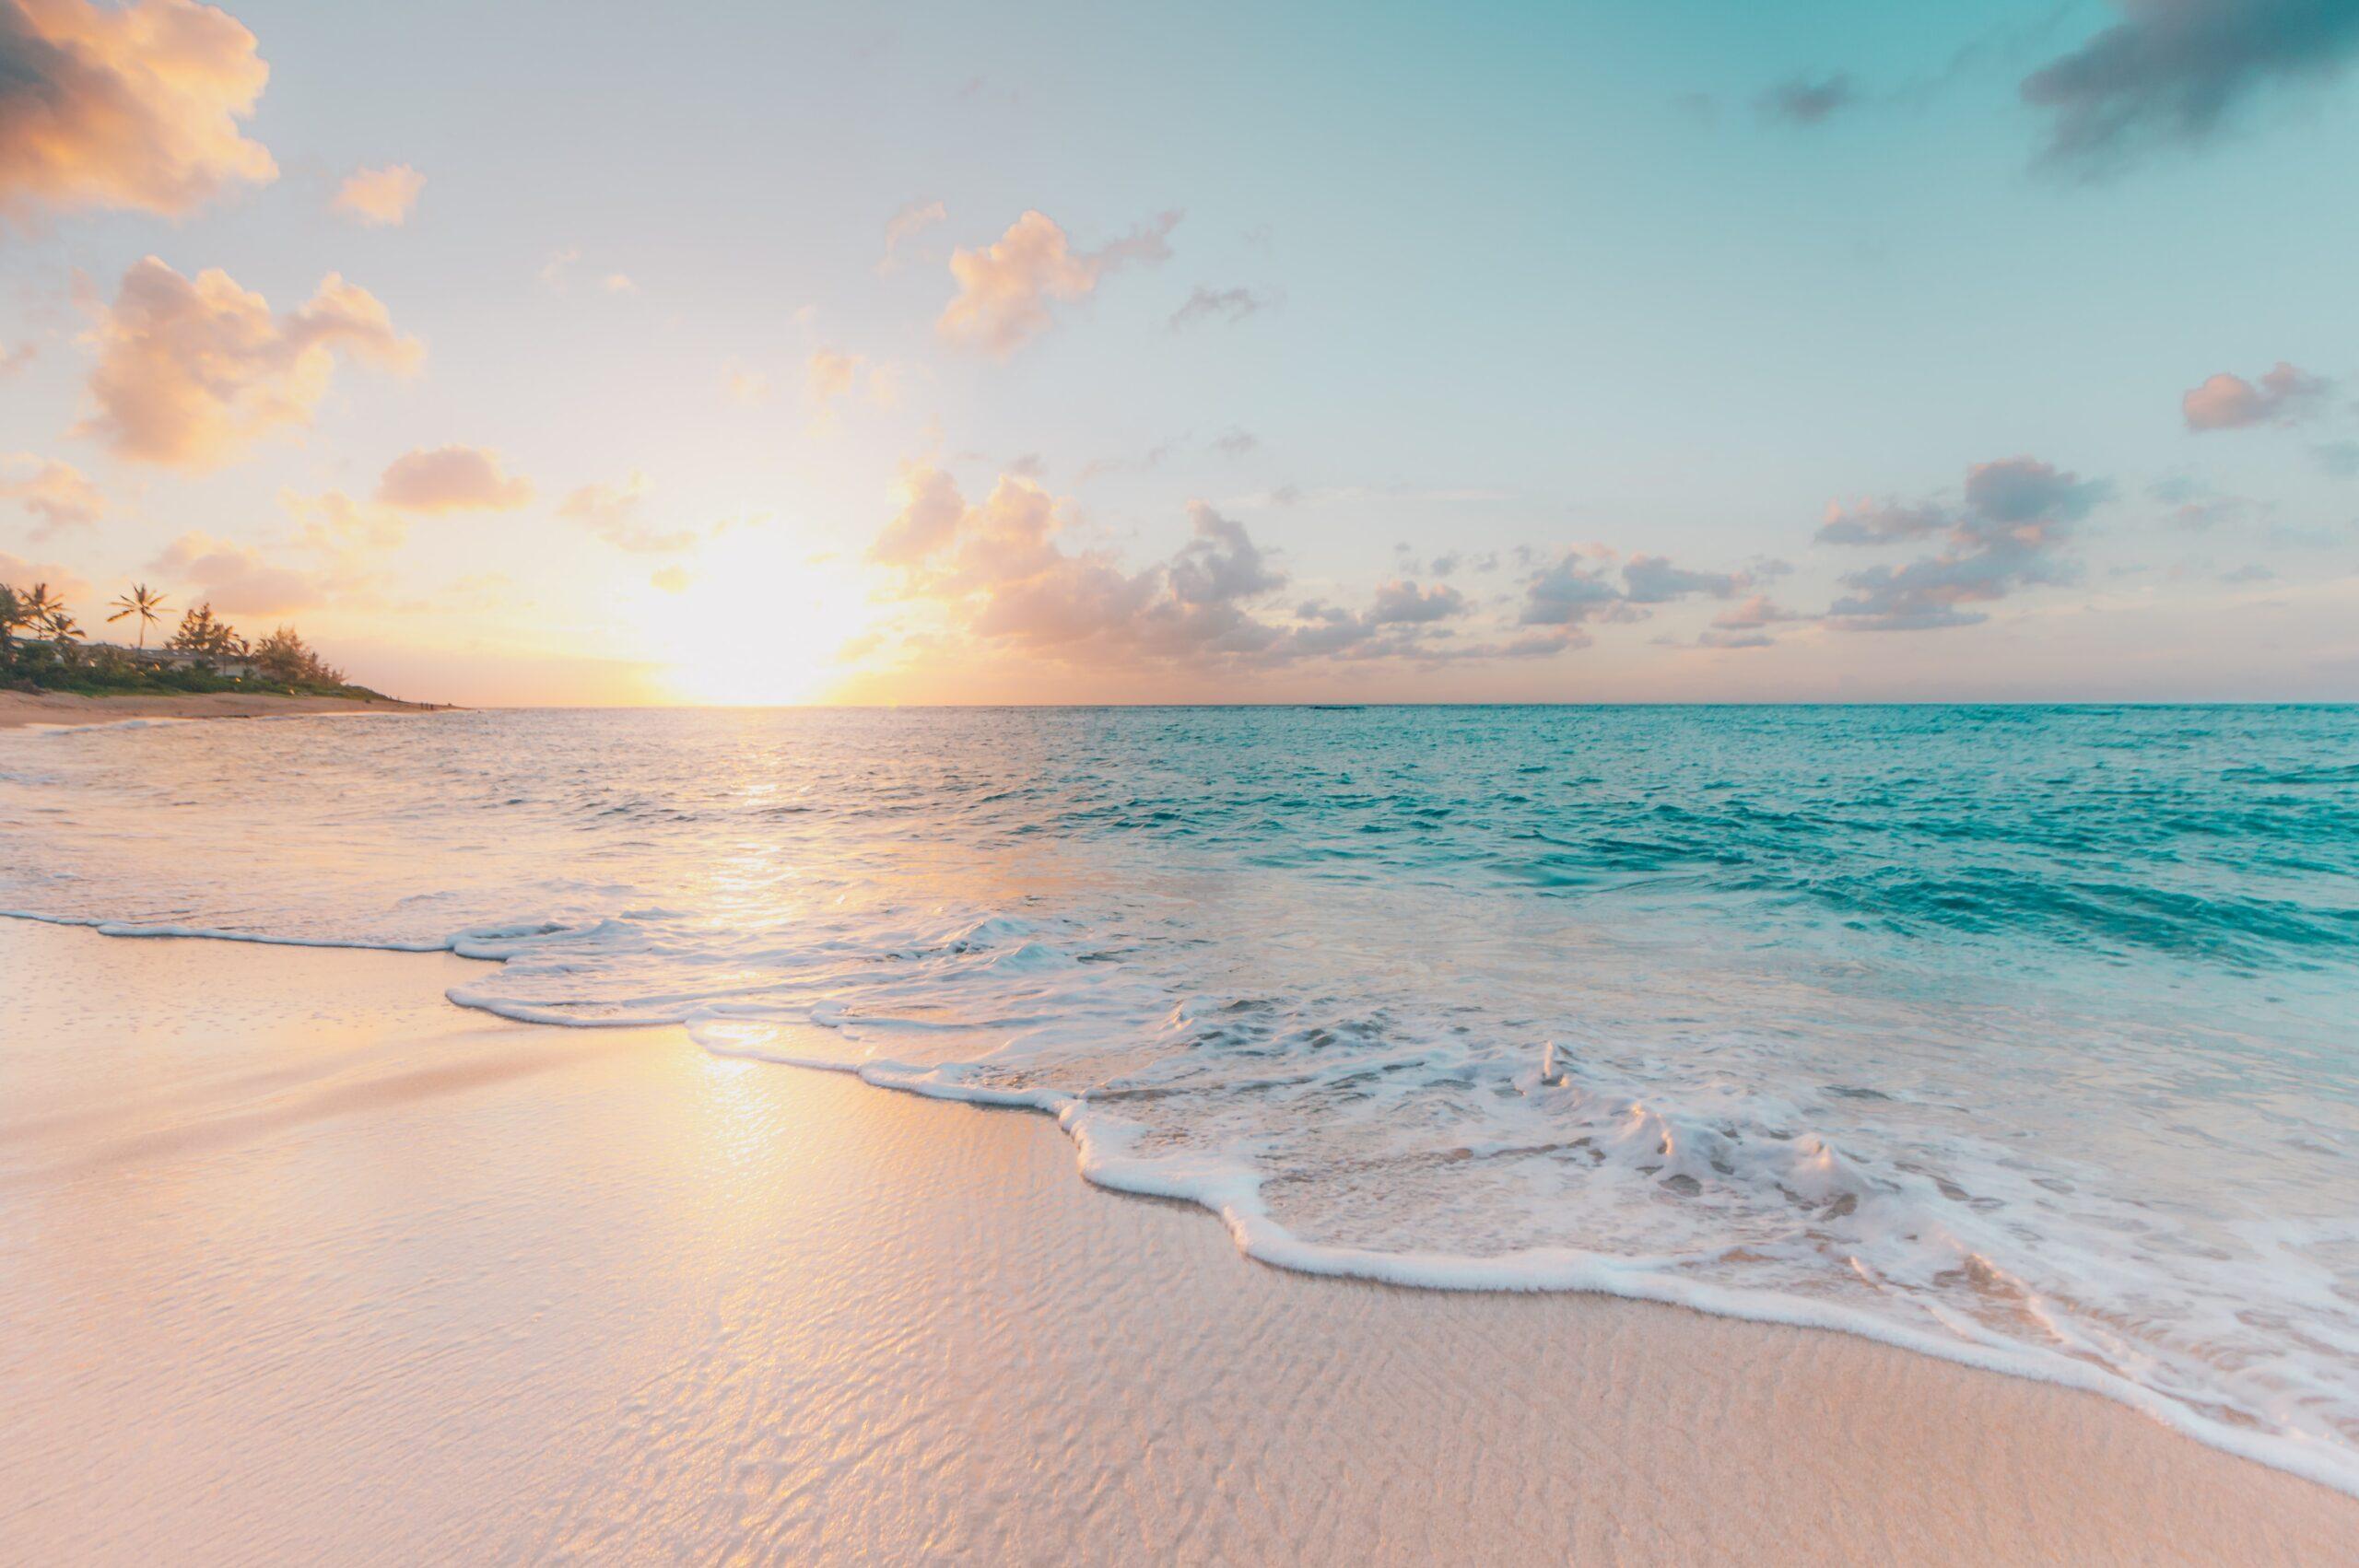 Partir en vacances l'esprit tranquille | Energreen